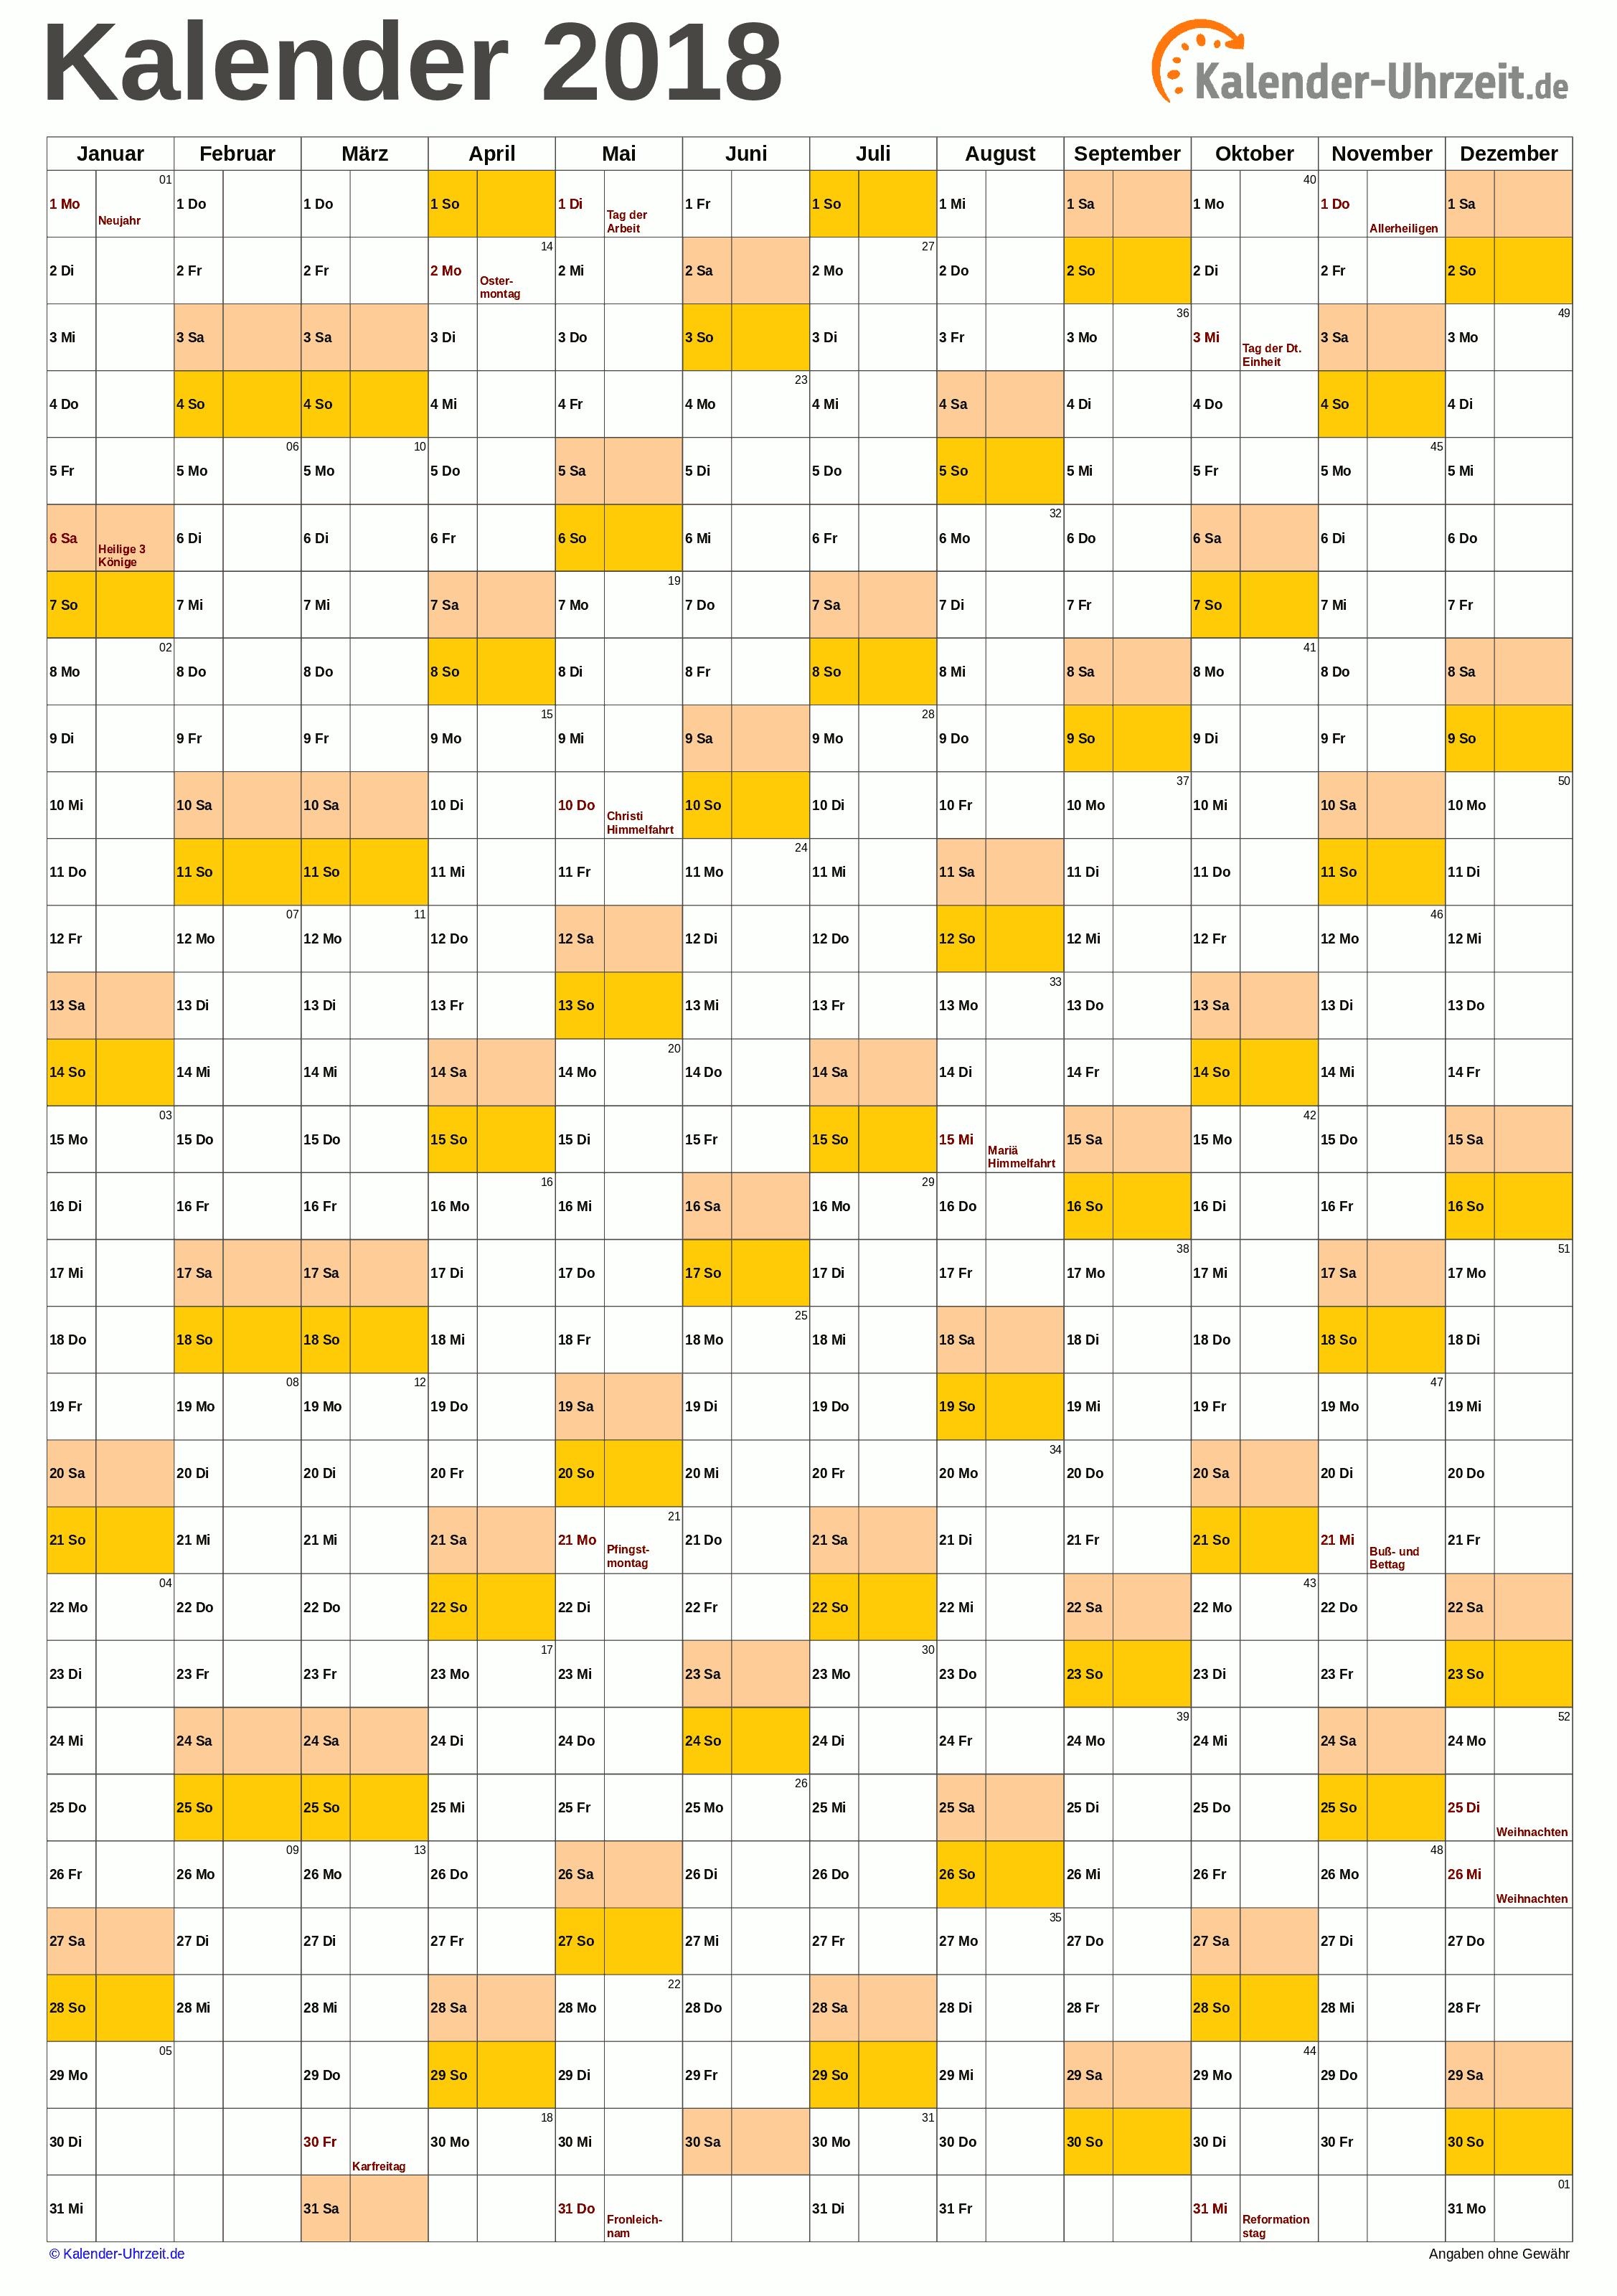 Kalender a4 jahresubersicht